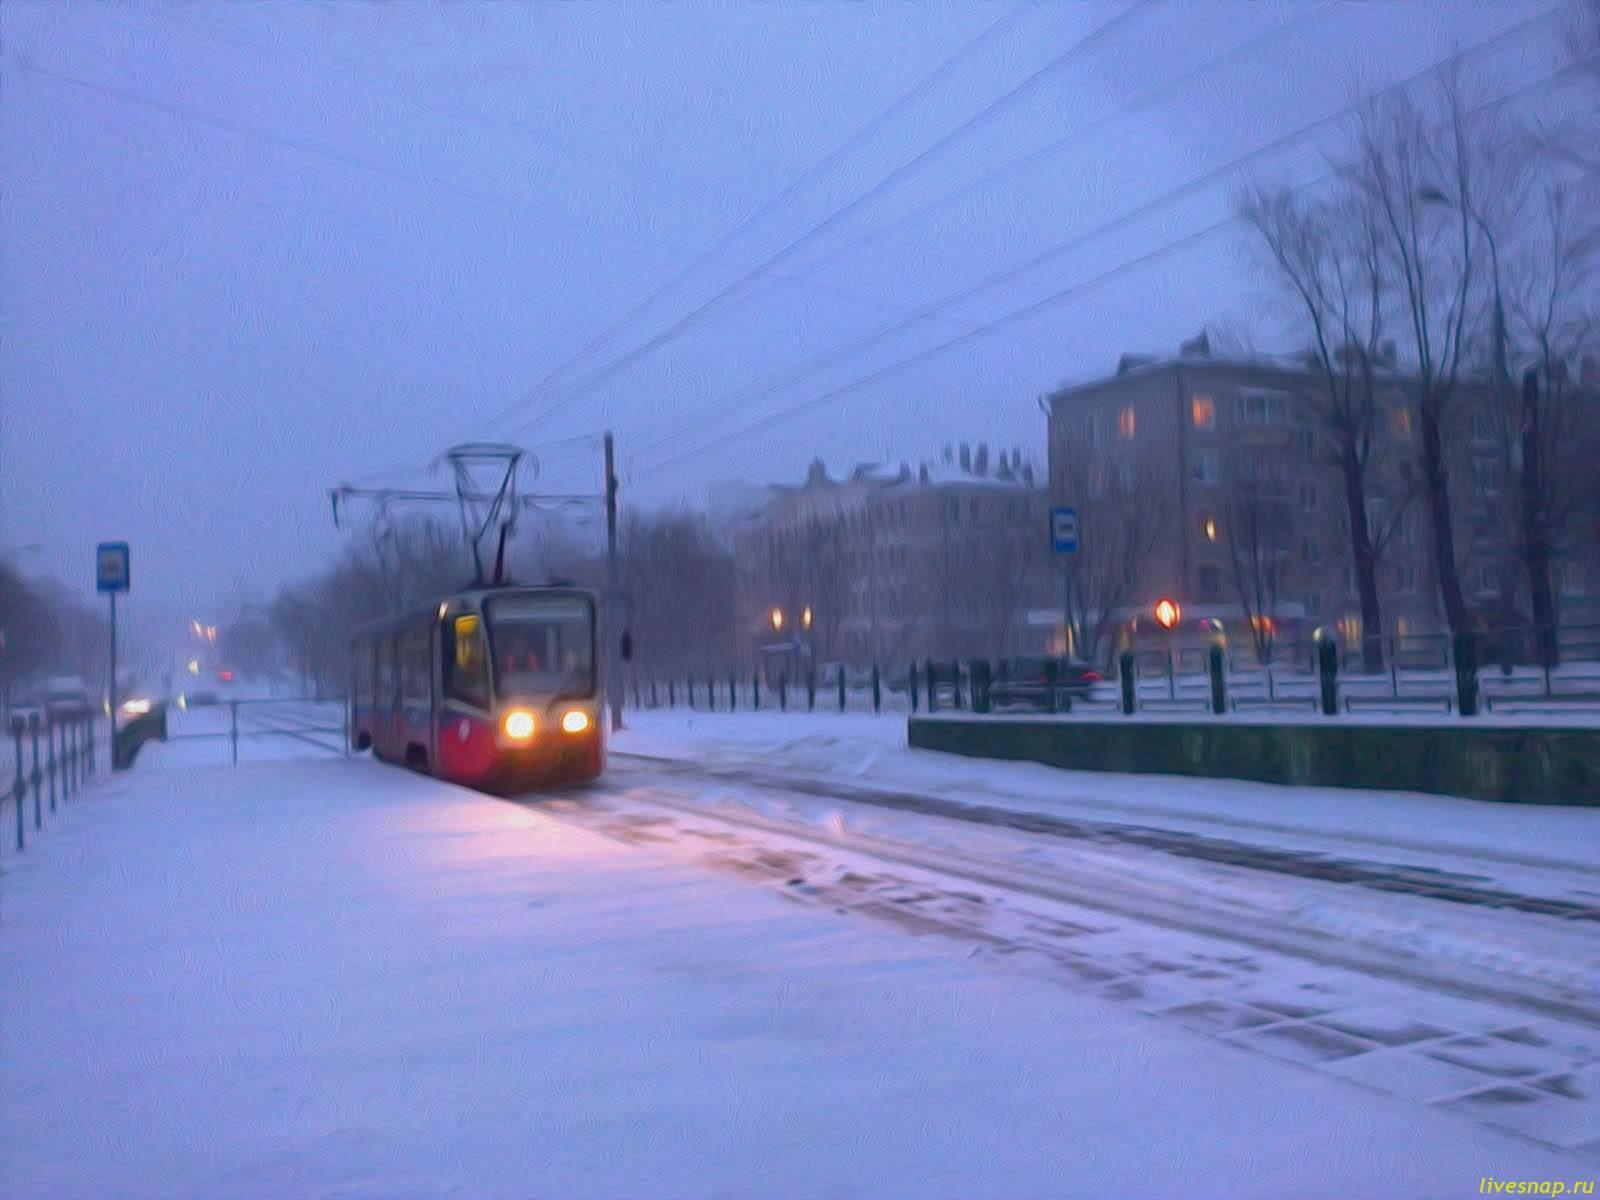 голубой снег трамвай